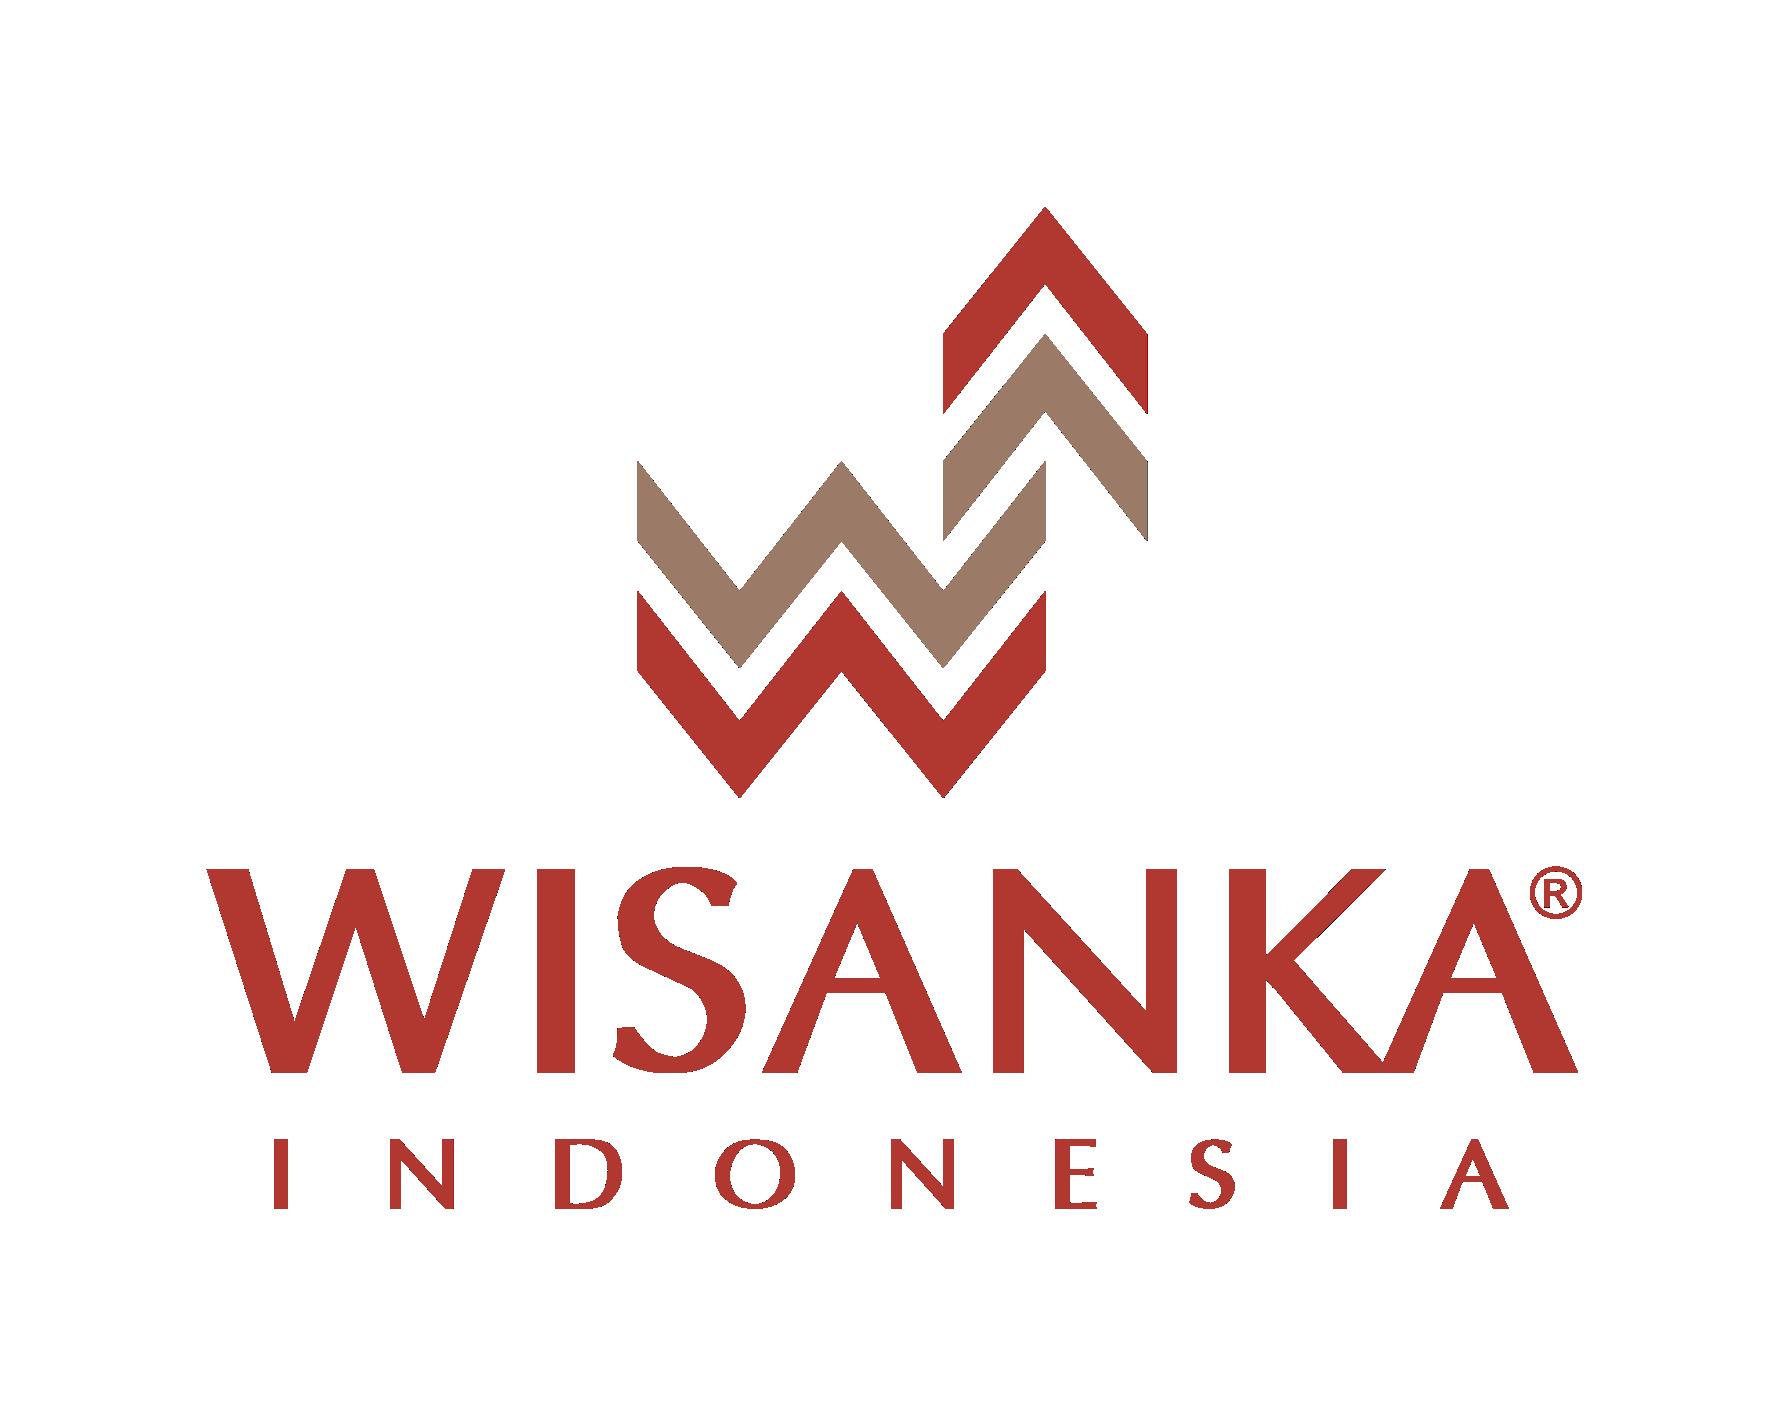 Wisanka